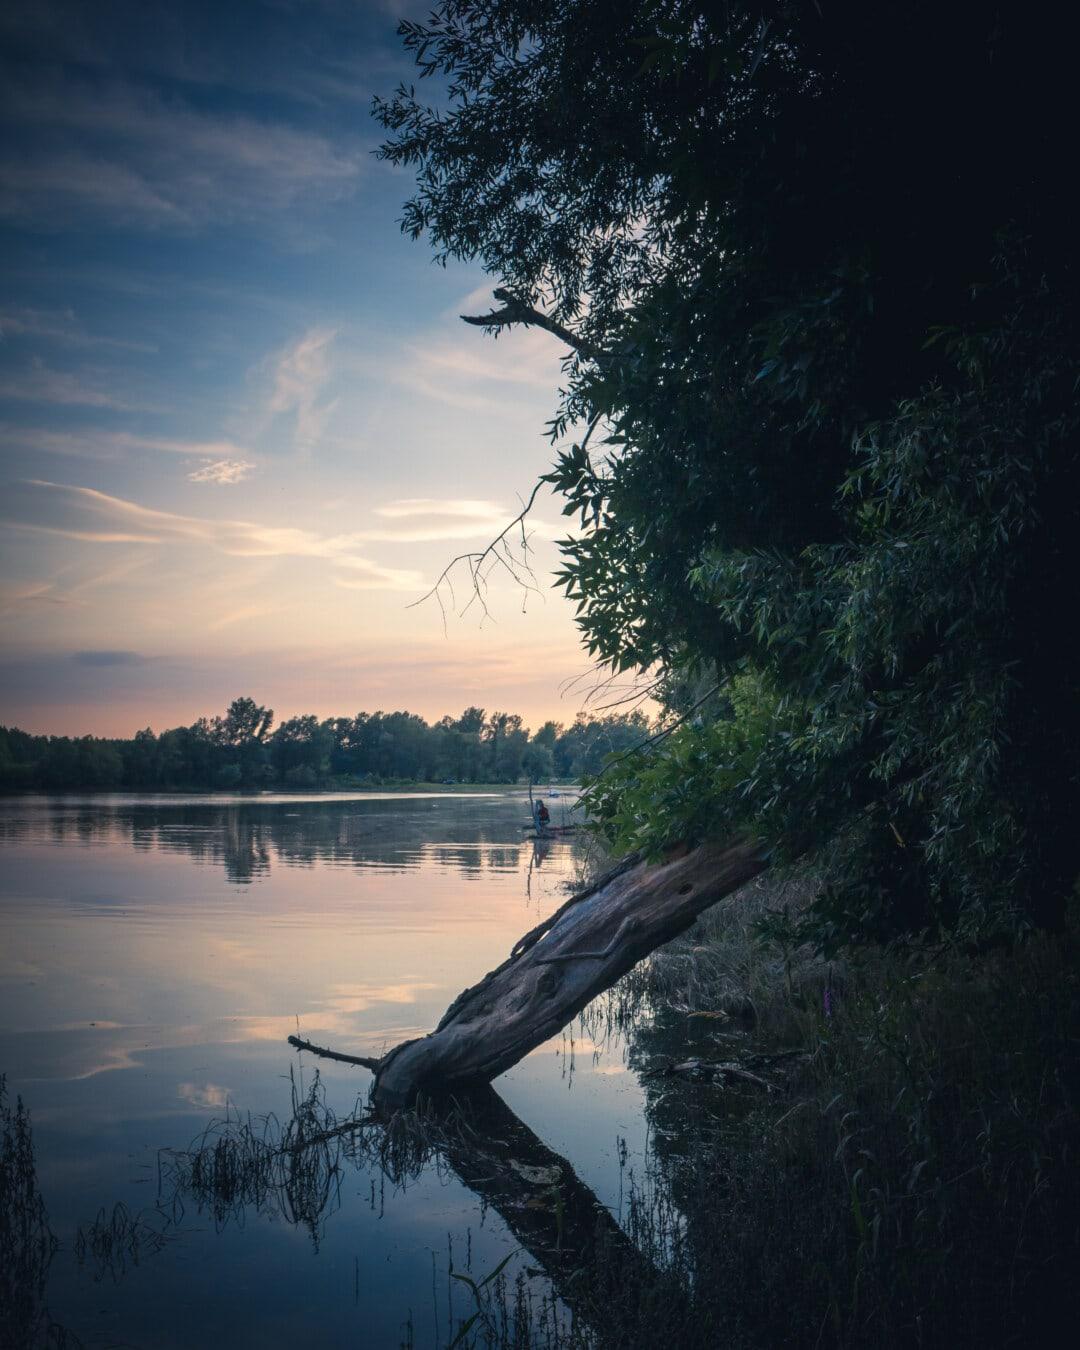 rivière, berge, bois flotté, crépuscule, majestueux, placide, arbre, eau, aube, réflexion